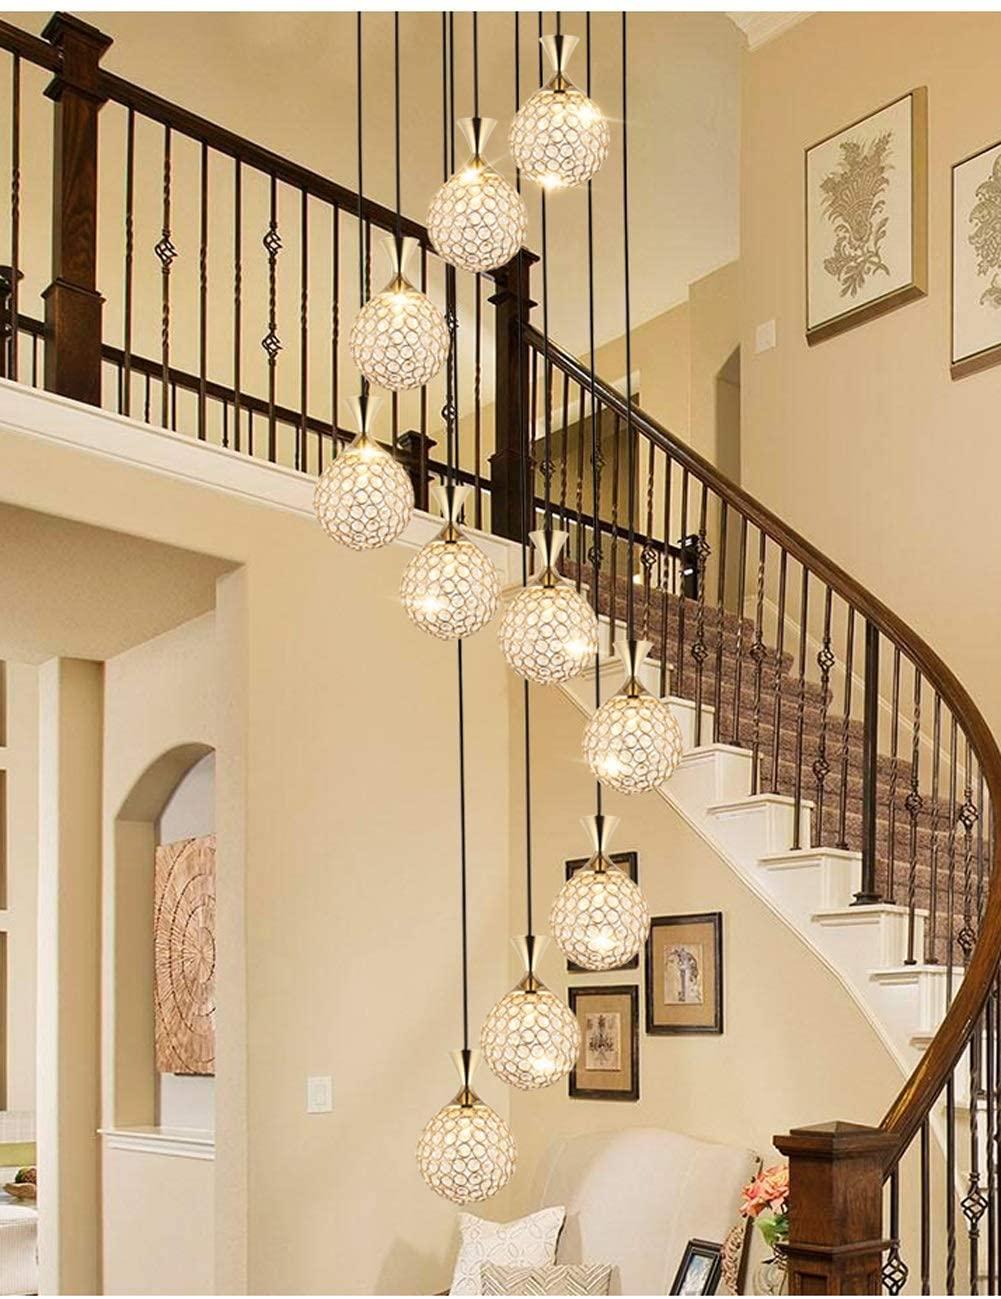 Full Size of Ceiling Lighting Multi Lights Pendelleuchte 10 Drehbare Treppe Moderne Duschen Bilder Fürs Wohnzimmer Esstische Modernes Bett Deckenleuchte Sofa Wohnzimmer Moderne Hängelampen